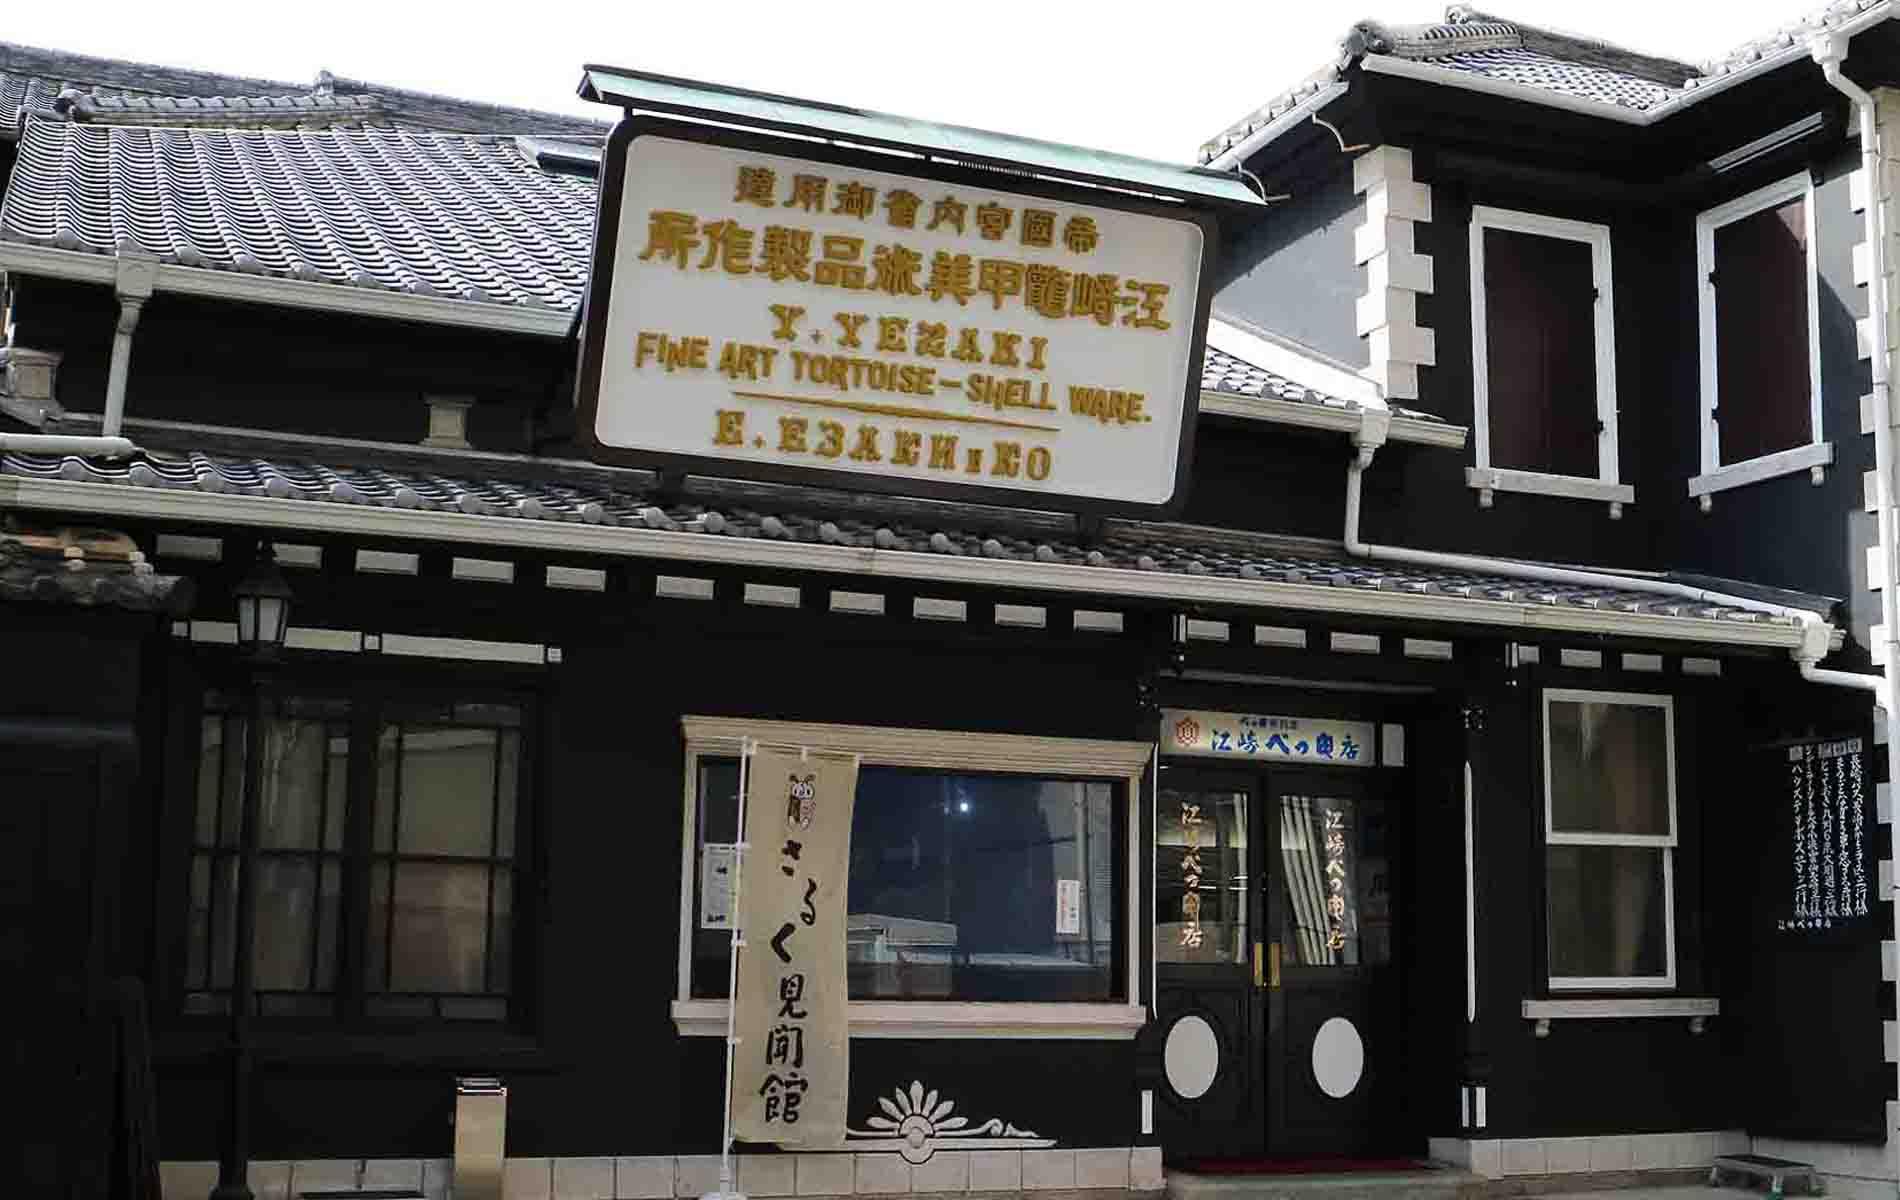 1709年 (宝永6年) 創業の江崎べっ甲店。和洋折衷の建物は、国の登録有形文化財に指定されています